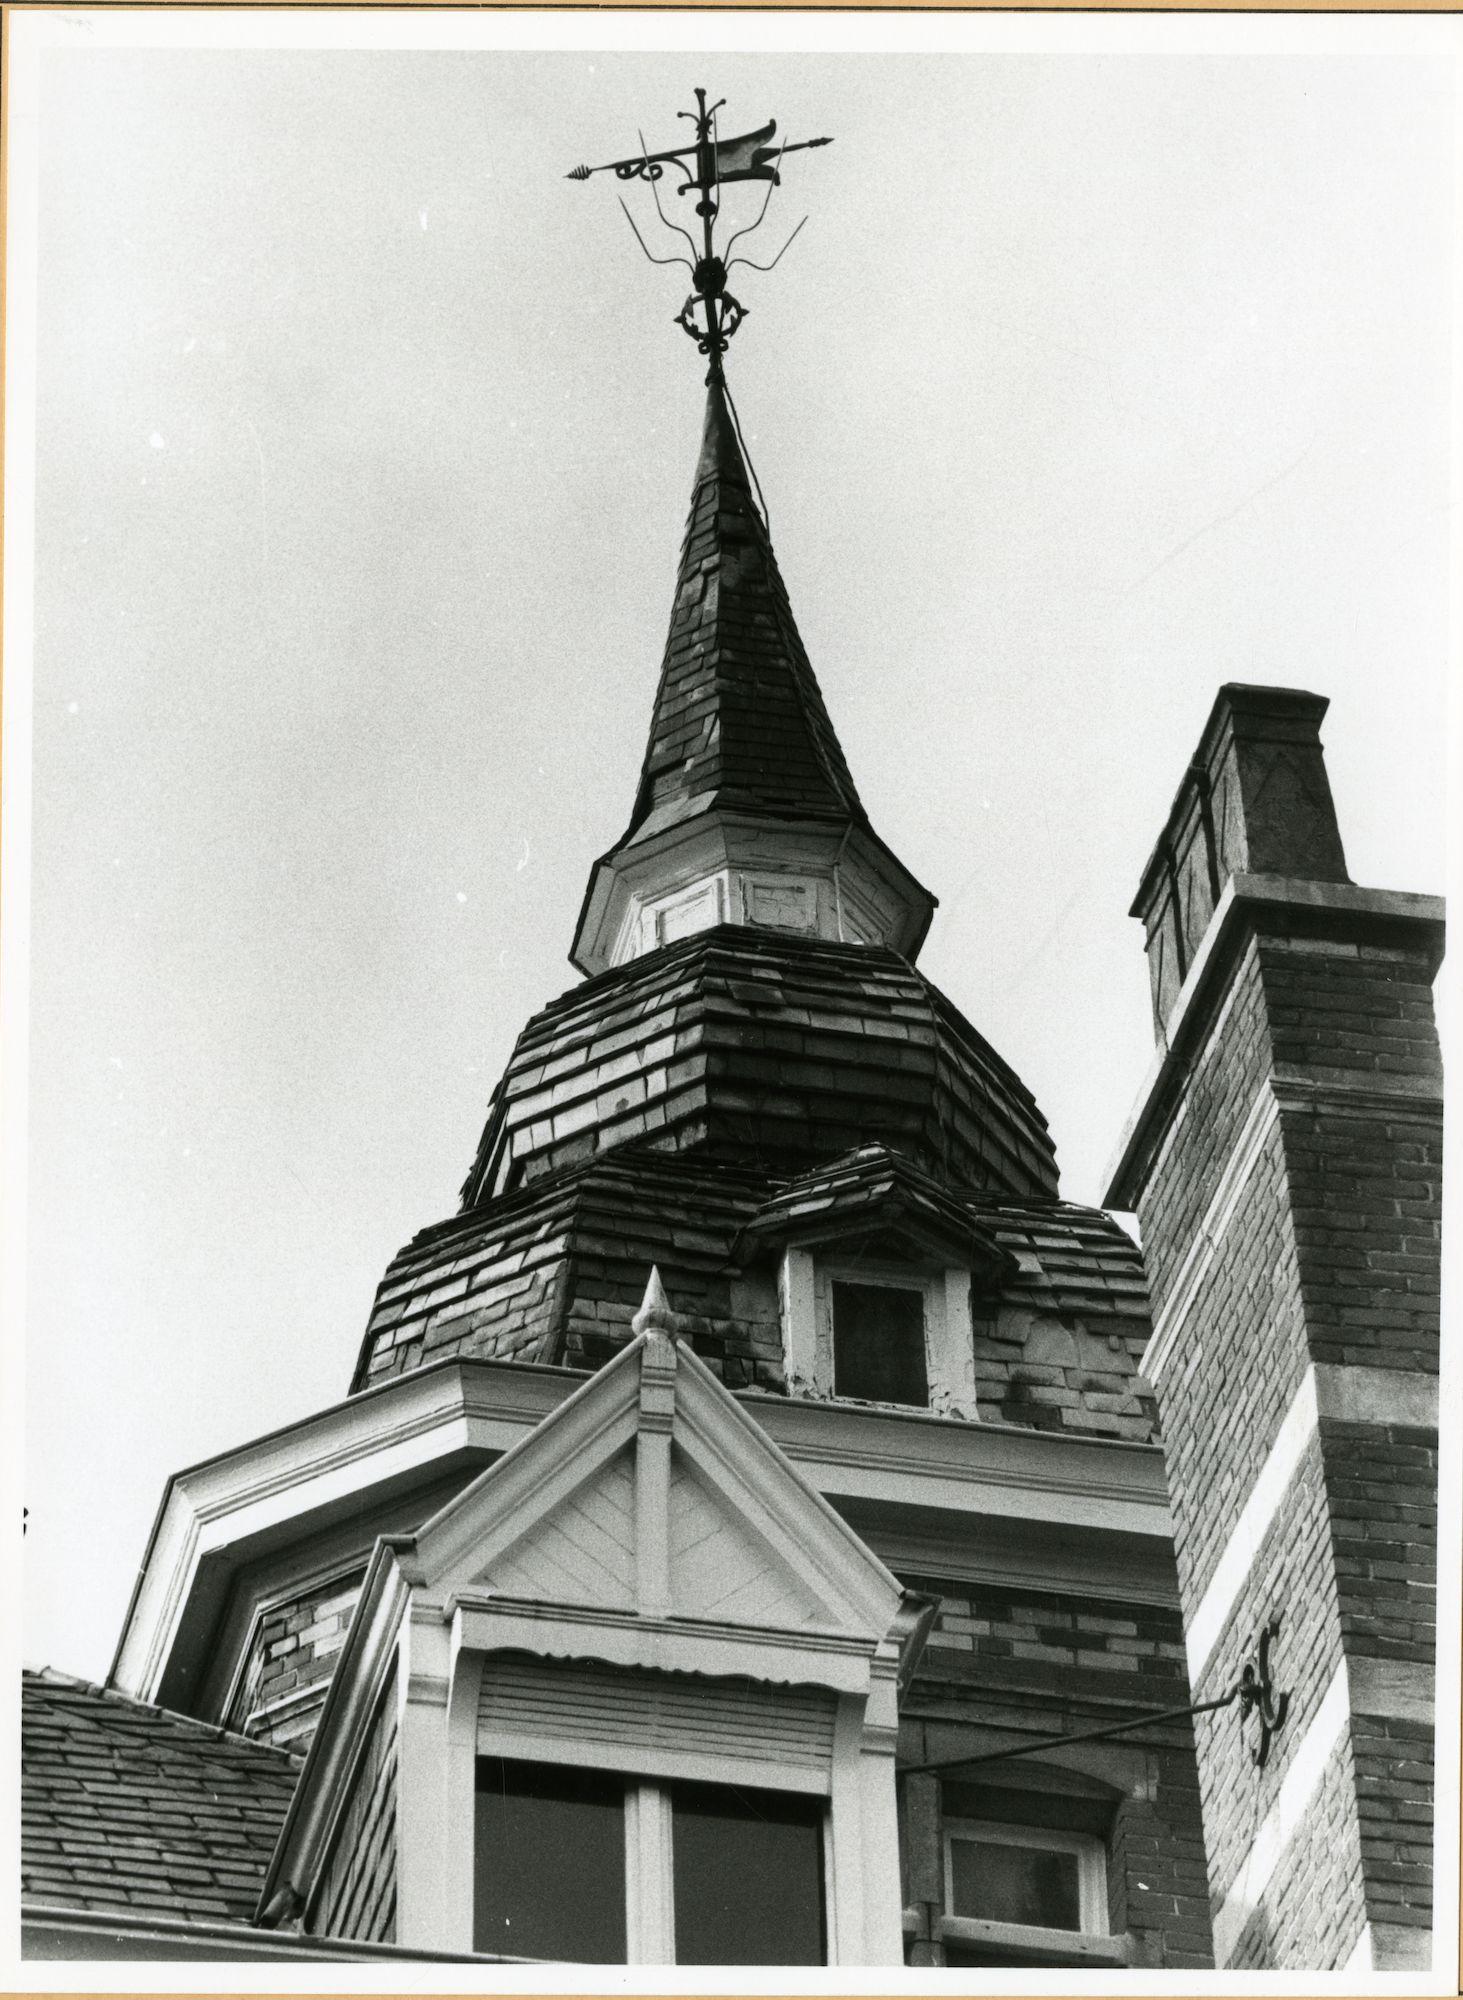 Gent: Kortrijksesteenweg 588: Windwijzer, 1979